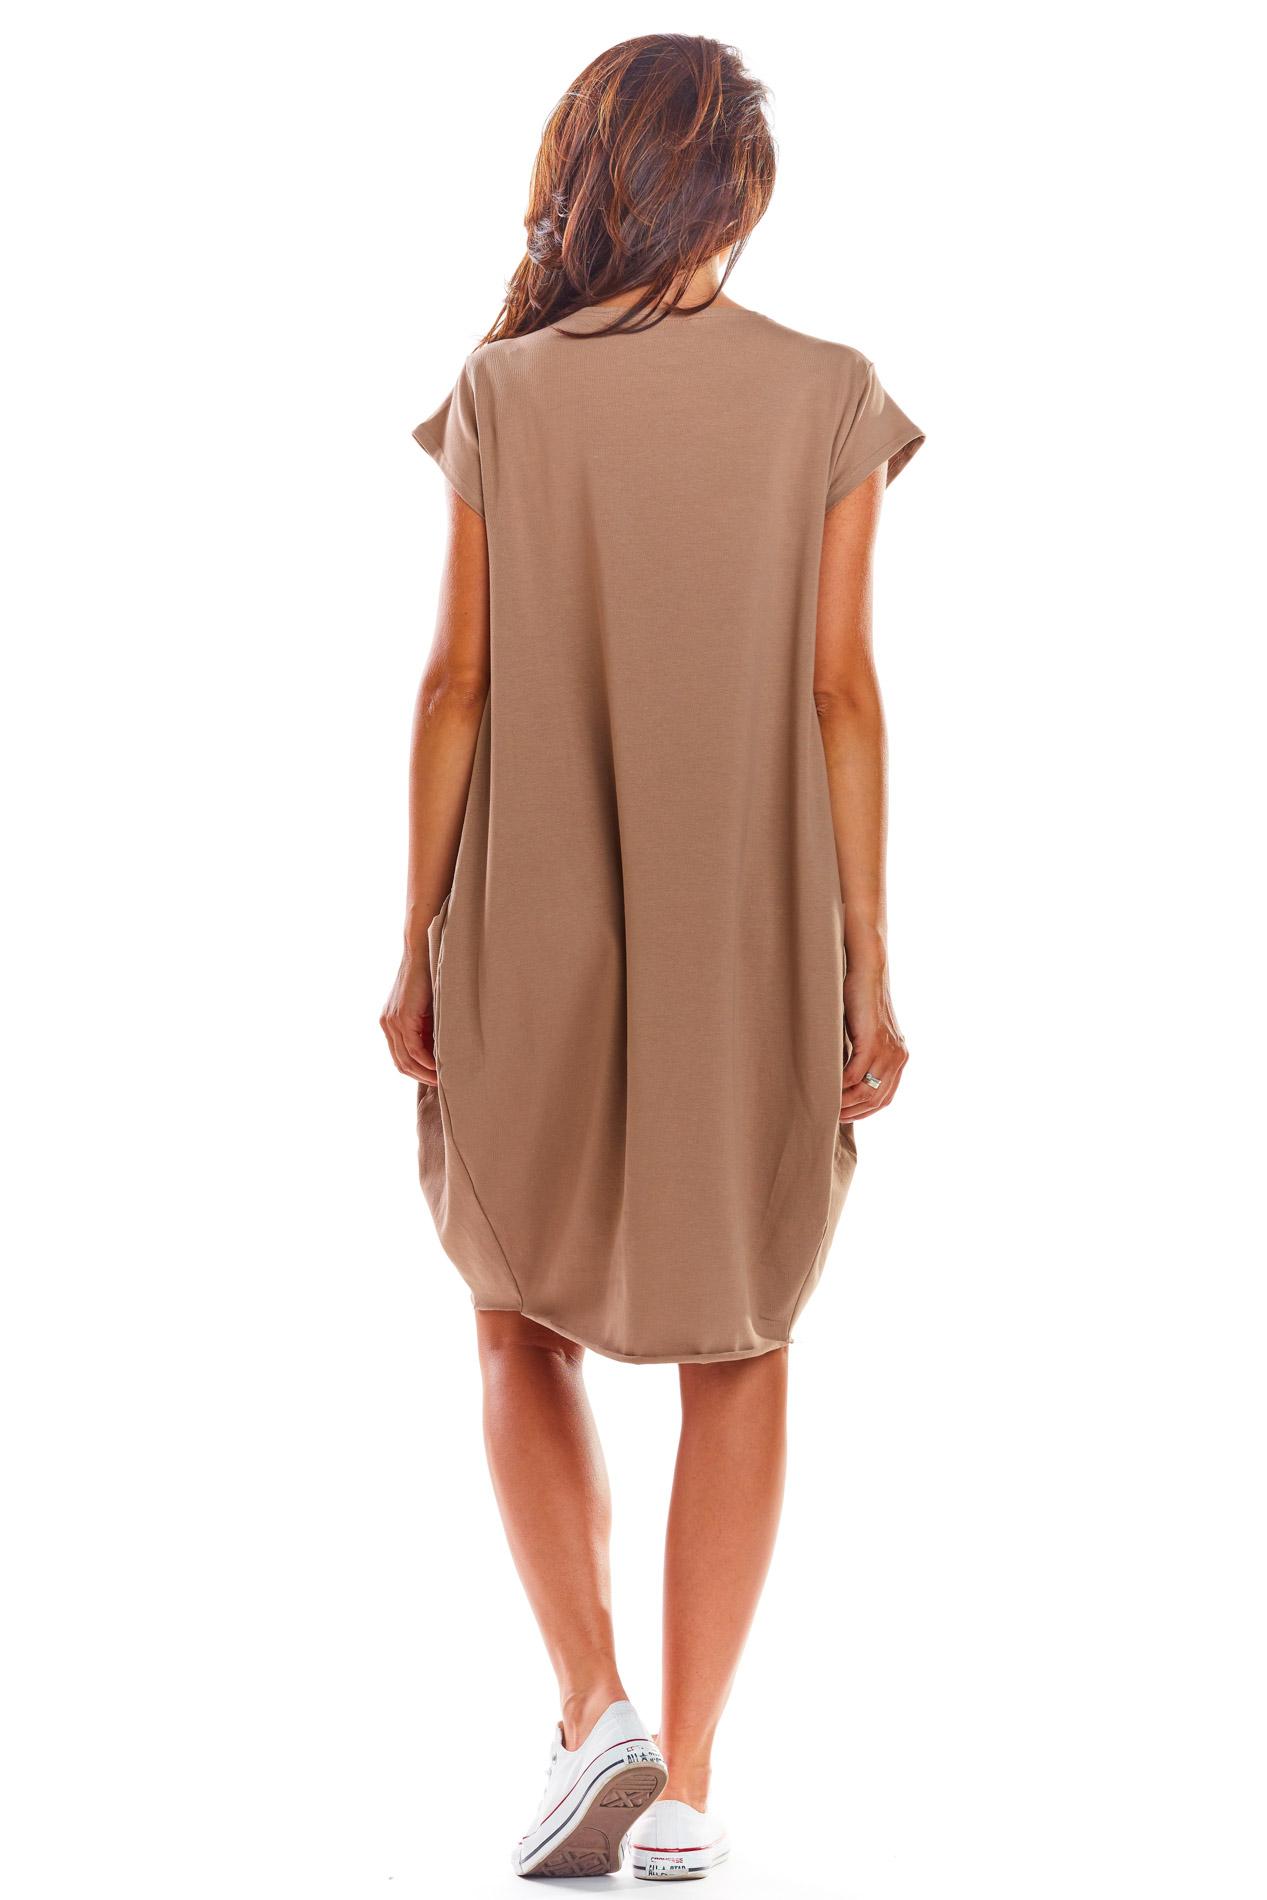 CM4515 Luźna sukienka z krótkim rękawem - beżowa